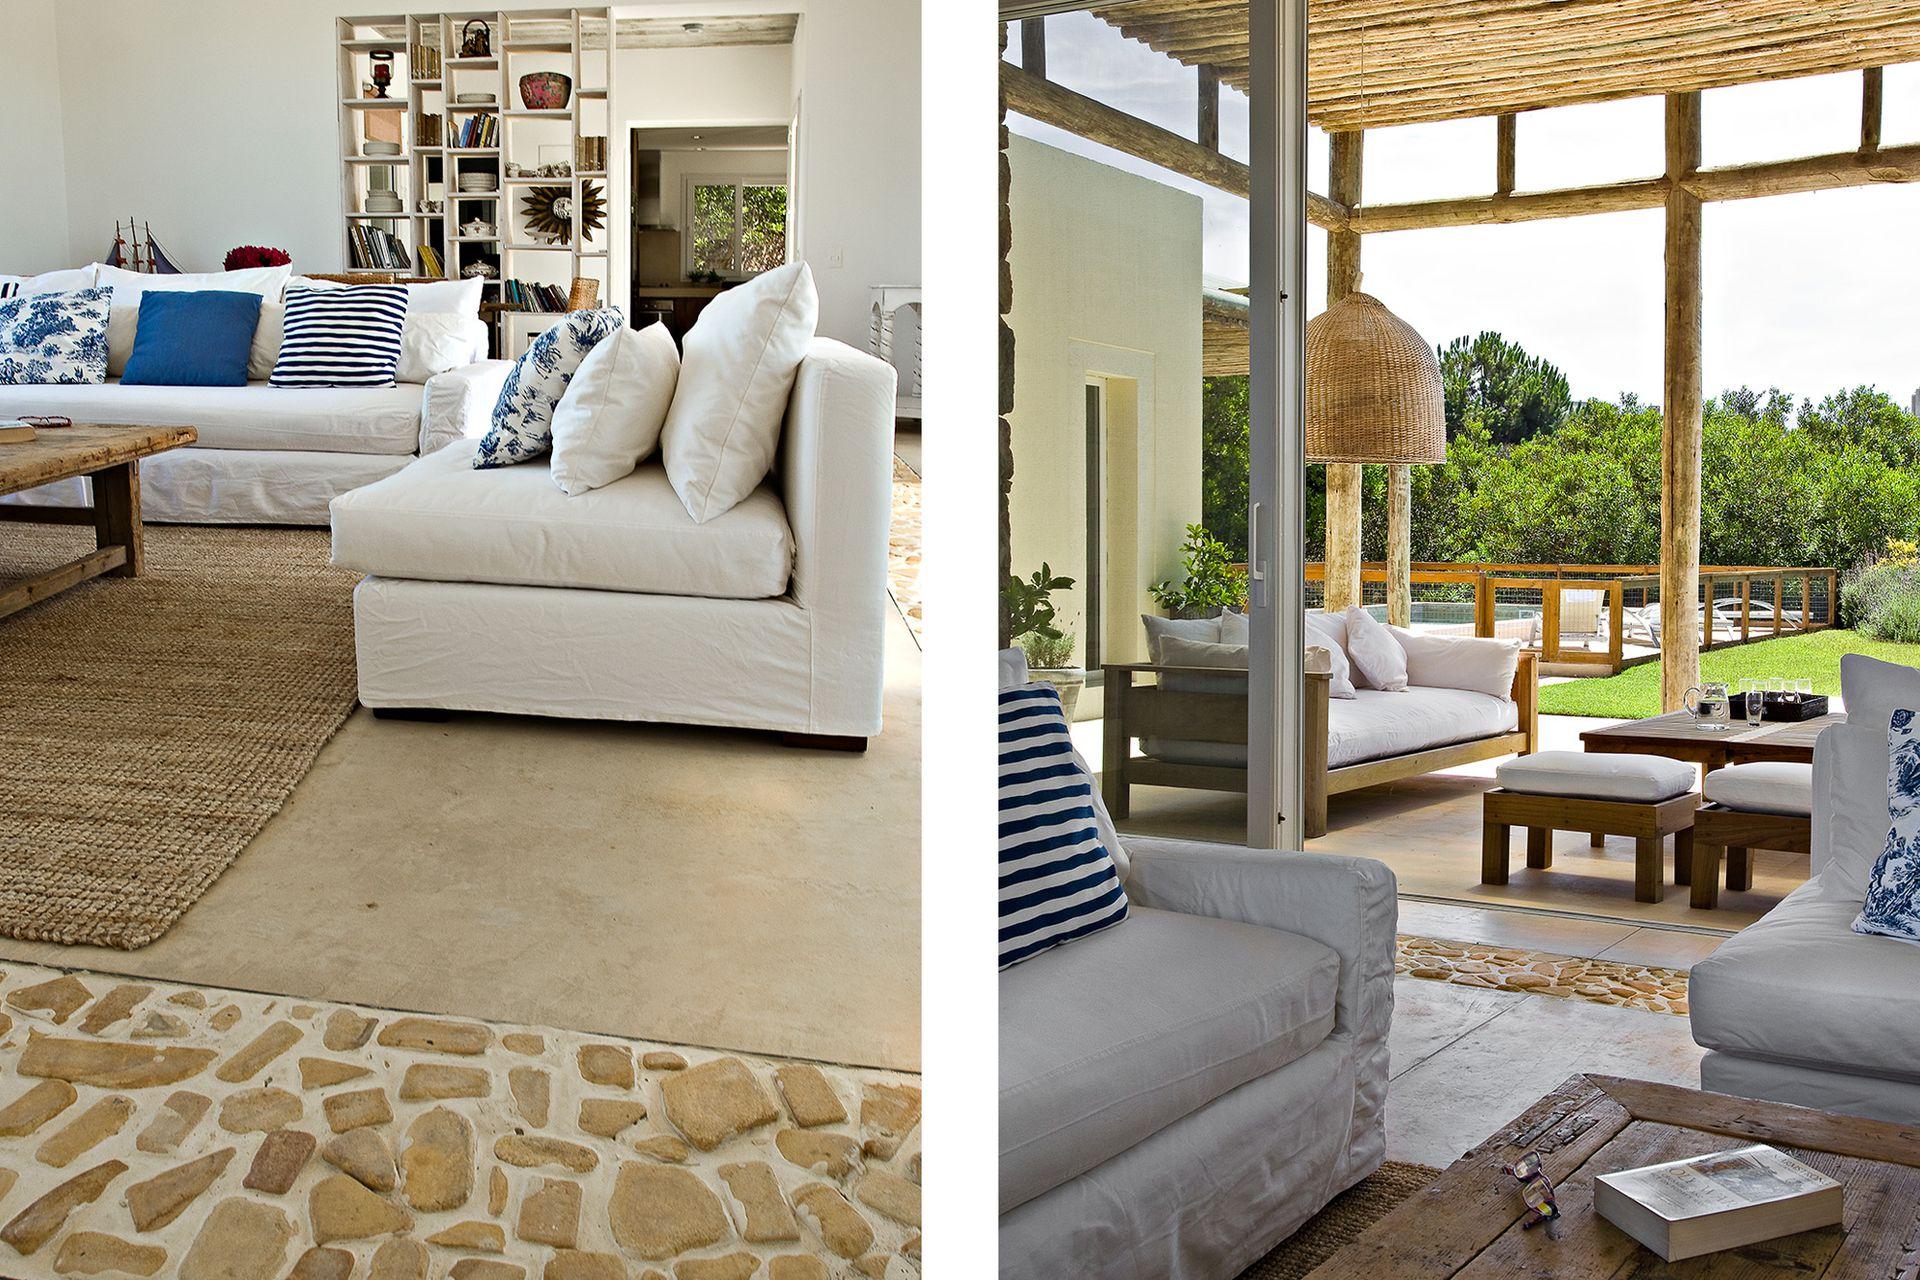 El living se conecta con la galería de forma directa. En ambos sectores, sillones para descansar en tranquilidad.